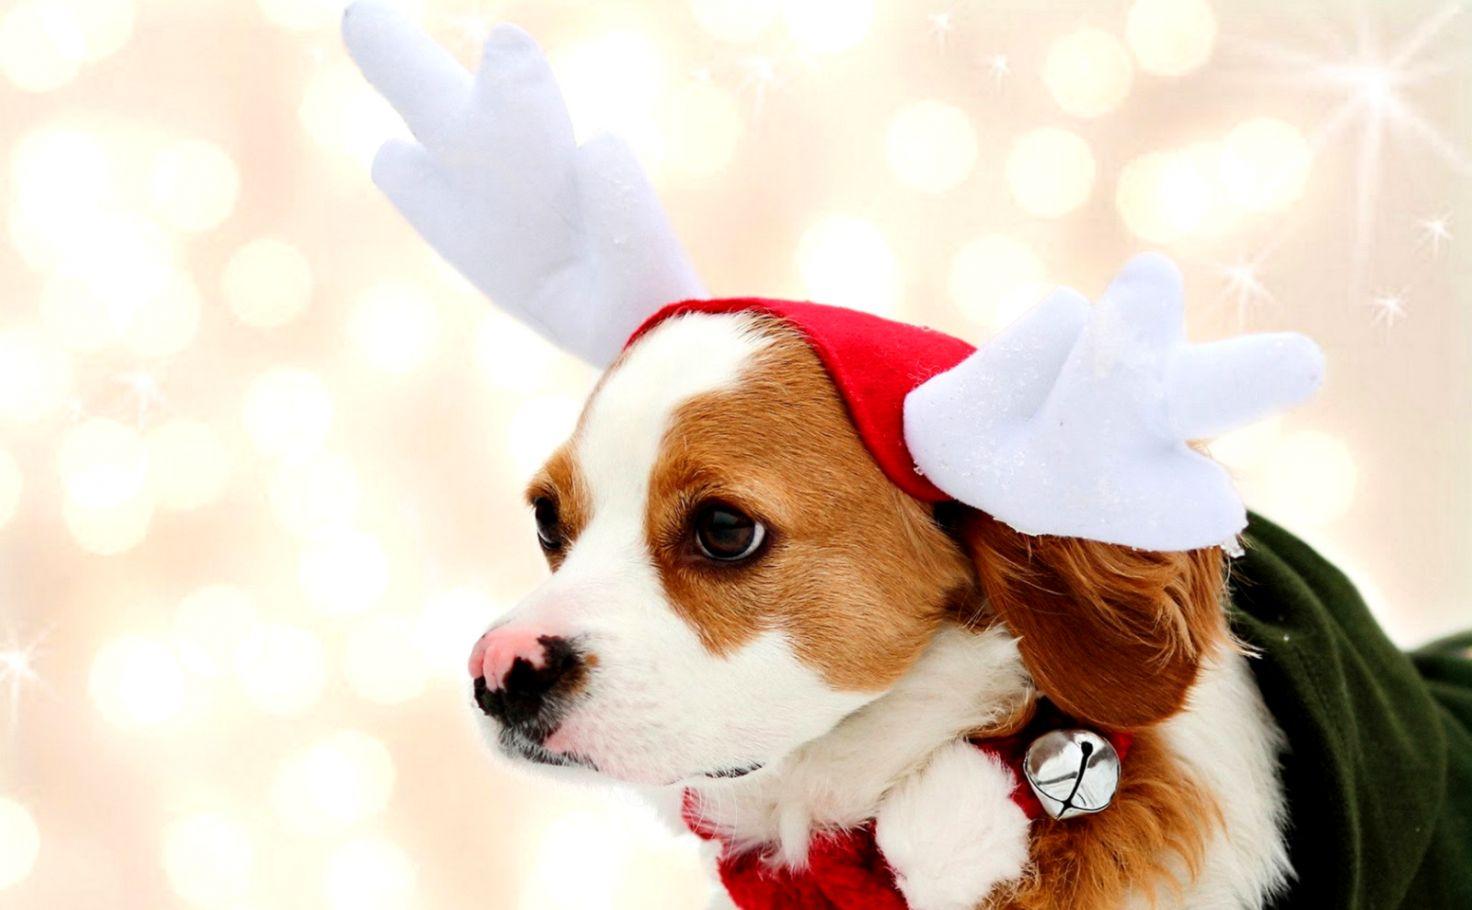 Cute Christmas Puppies Desktop Wallpaper